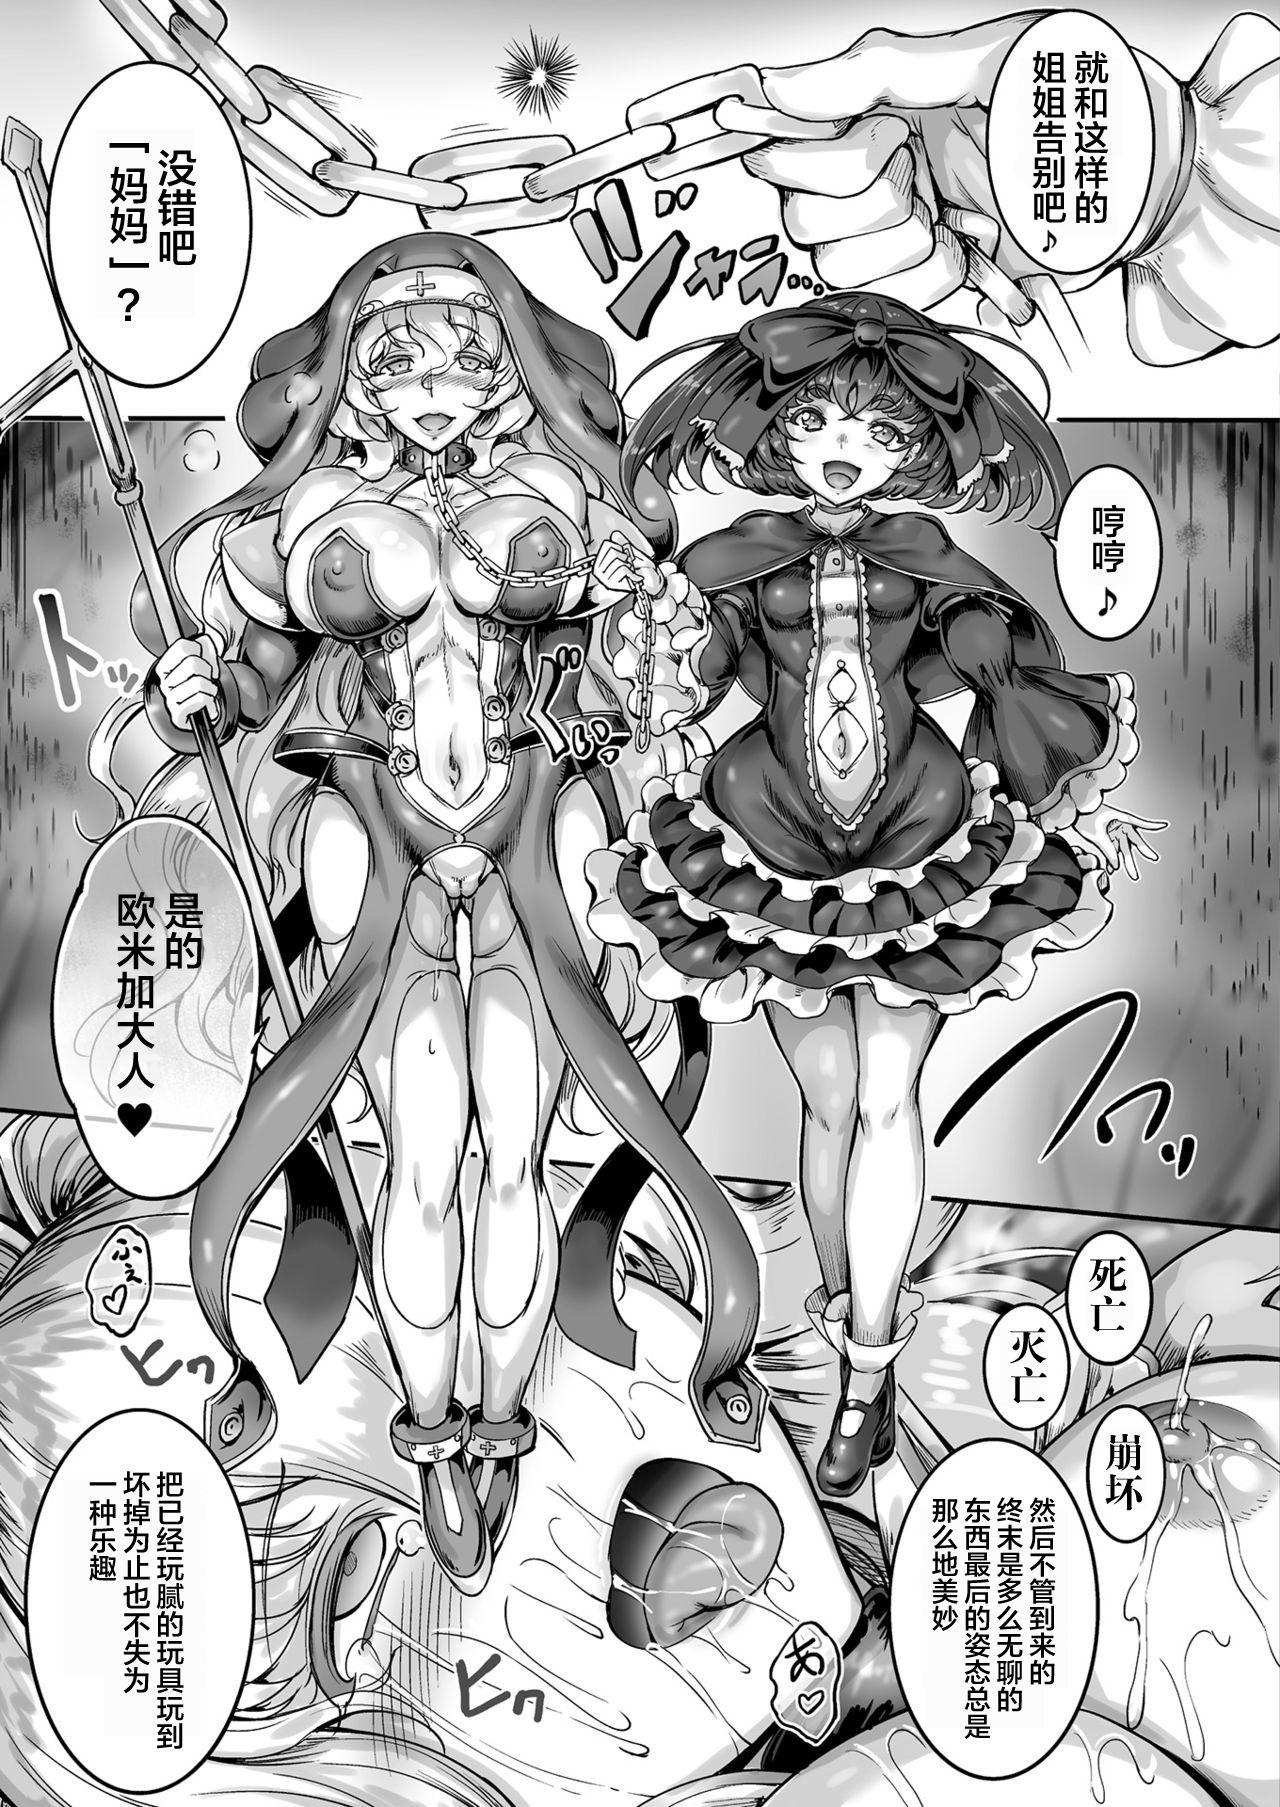 Seitenshi Yumiel Chaotic Rondo Ch. 6 Kegasareta Ketsui 18